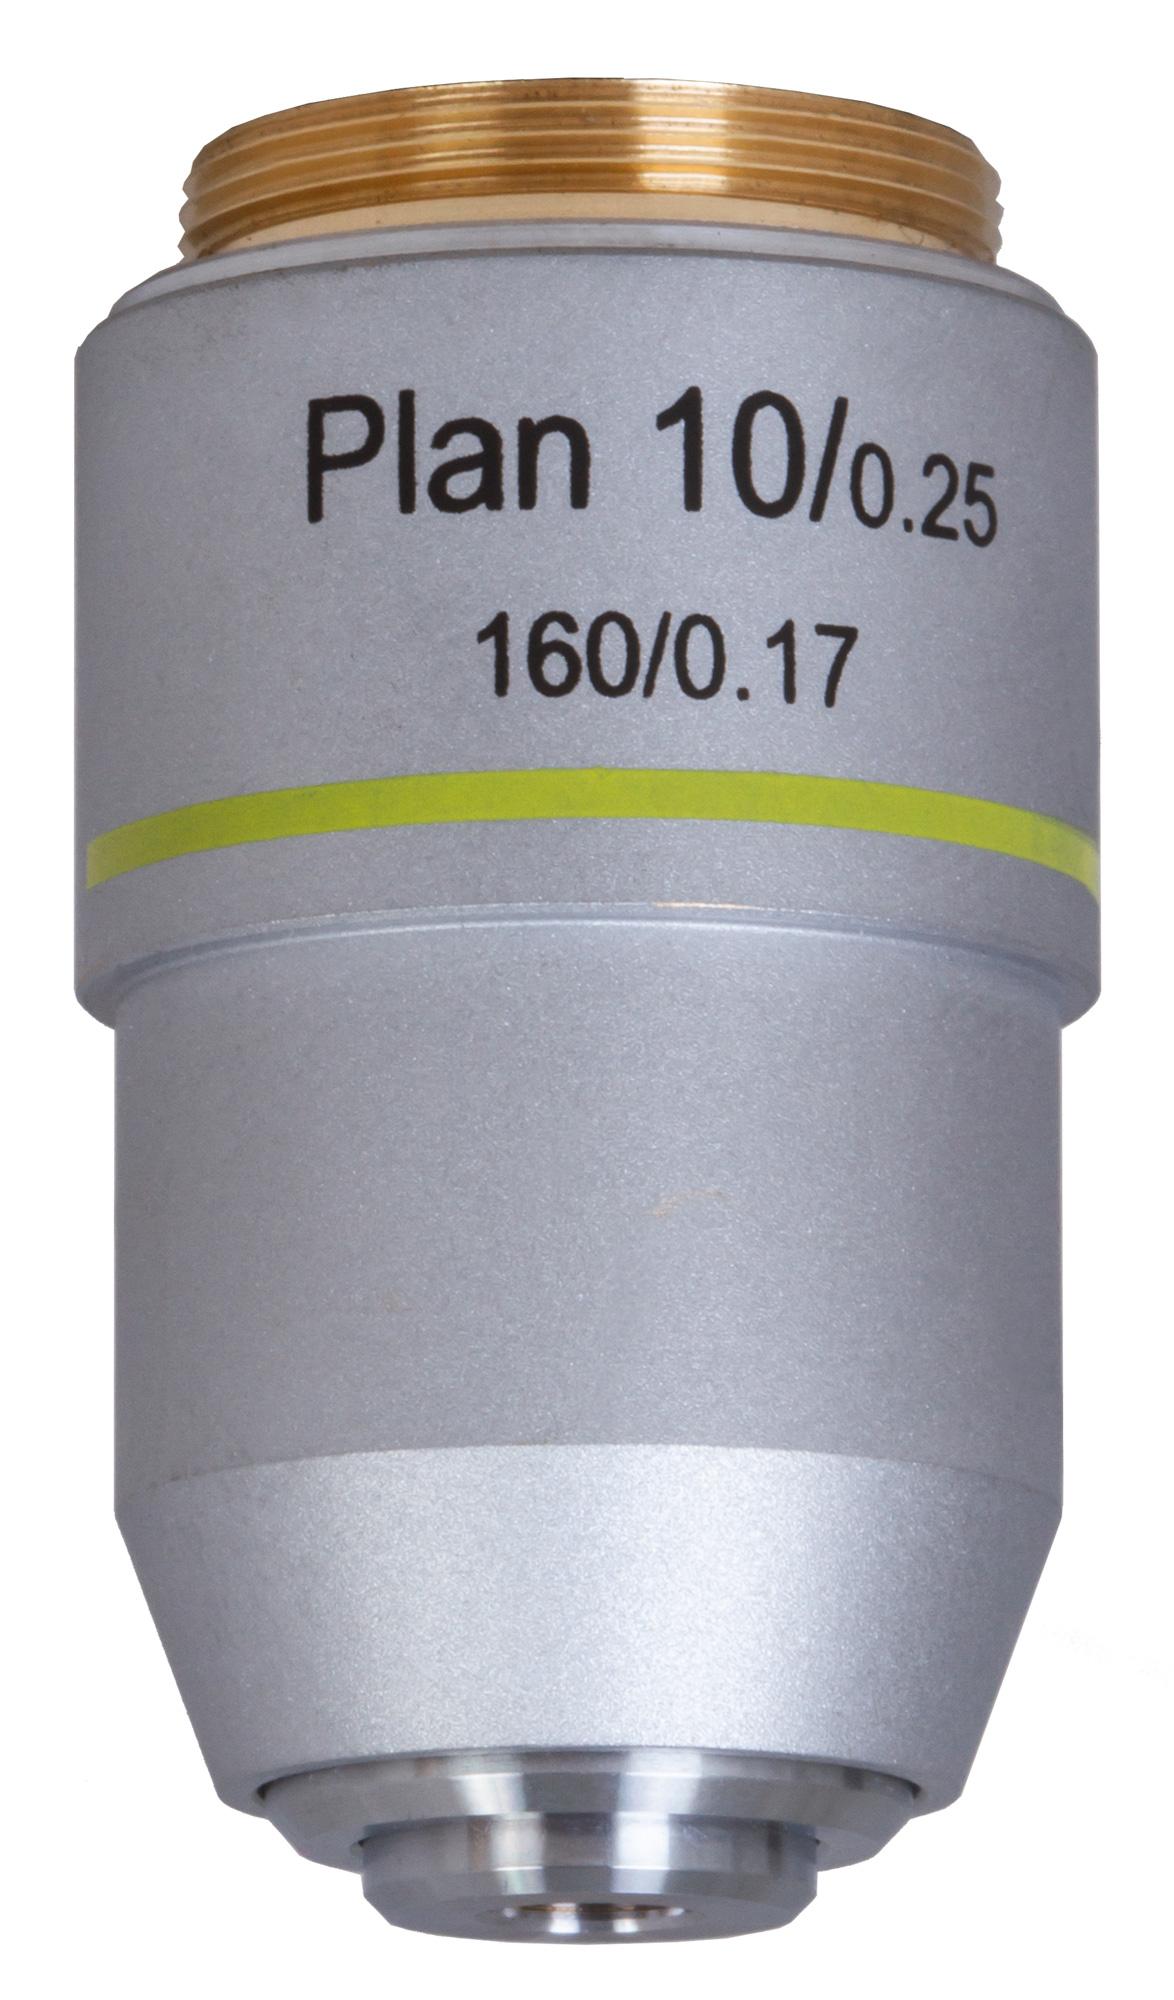 Картинка для Объектив планахроматический Levenhuk (Левенгук) MED 10x